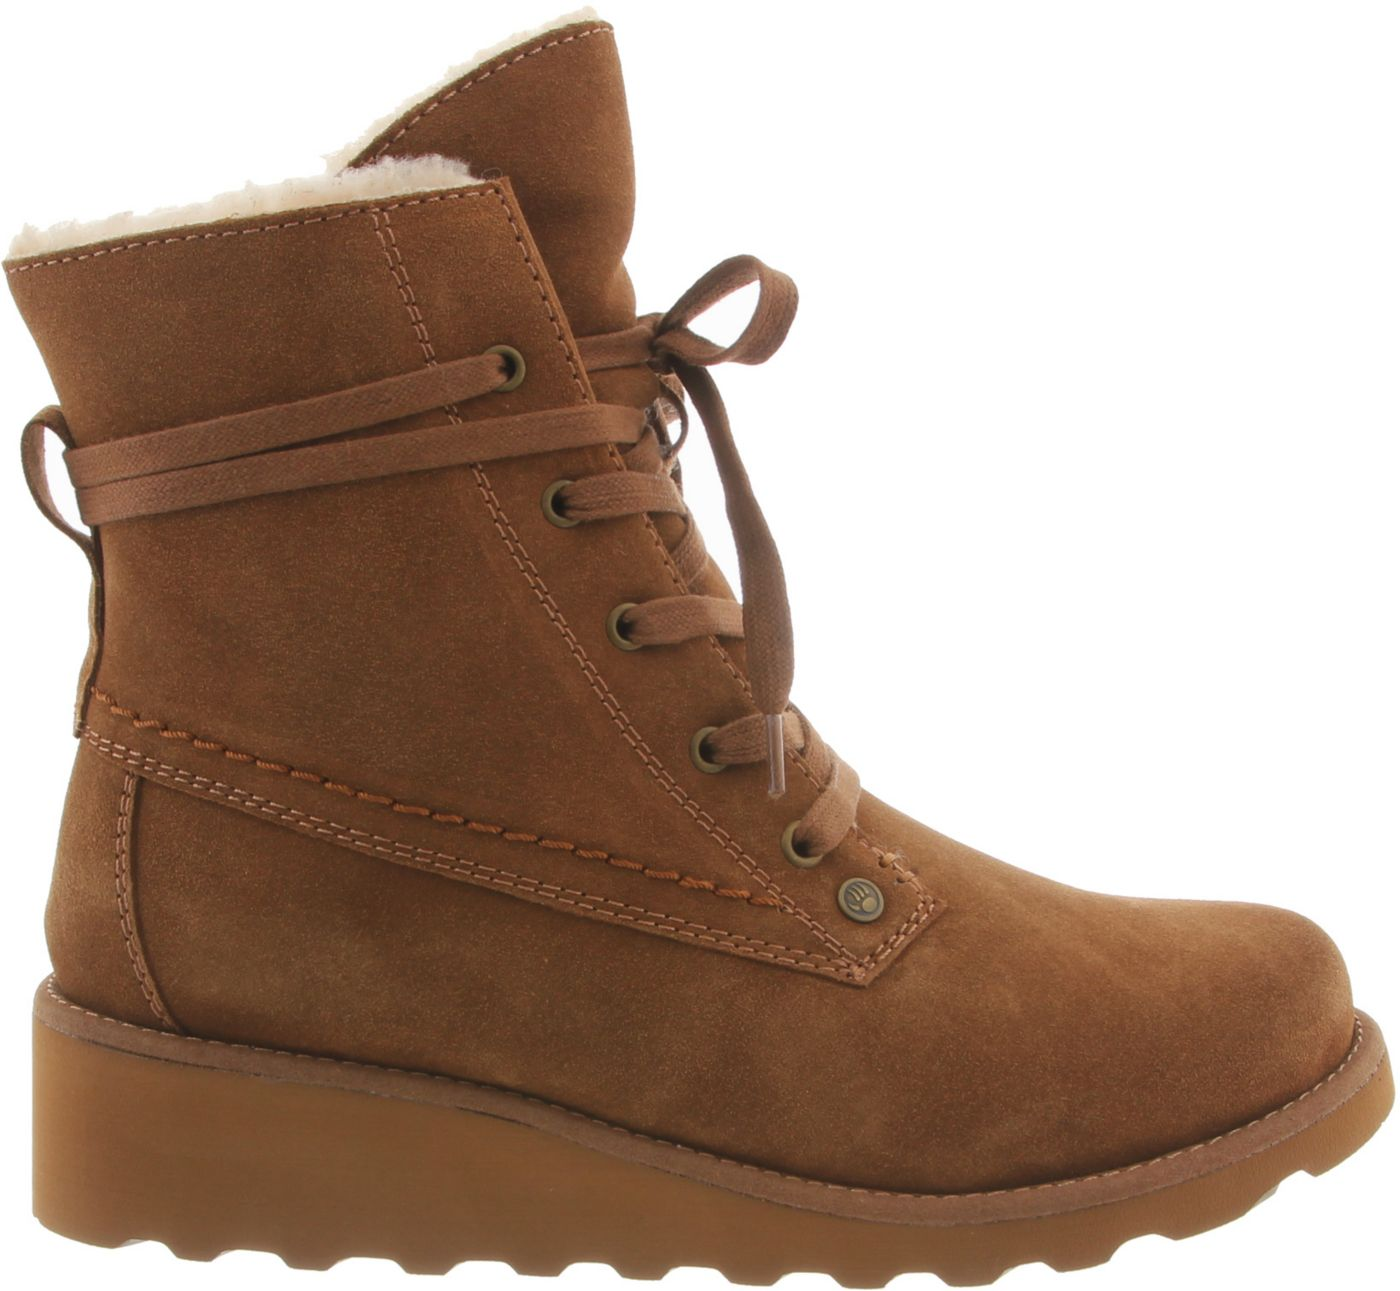 BEARPAW Women's Krista Winter Boots